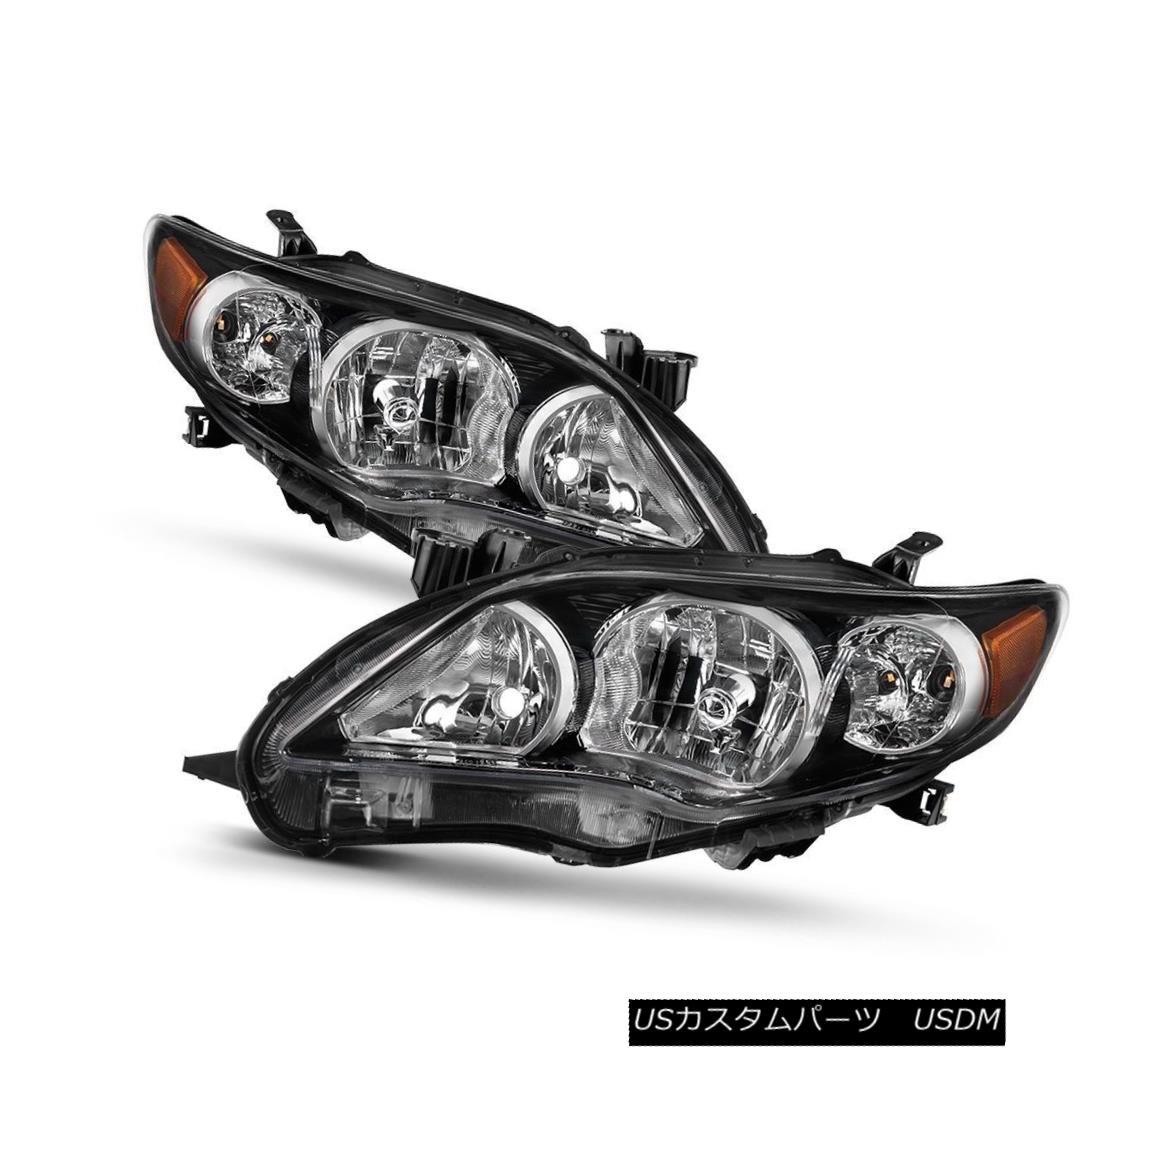 ヘッドライト Toyota 11-13 Corolla Black Housing Replacement Headlights Pair Set CE LE XLE トヨタ11-13カローラブラックハウジング交換ヘッドライトペアCE LE XLE